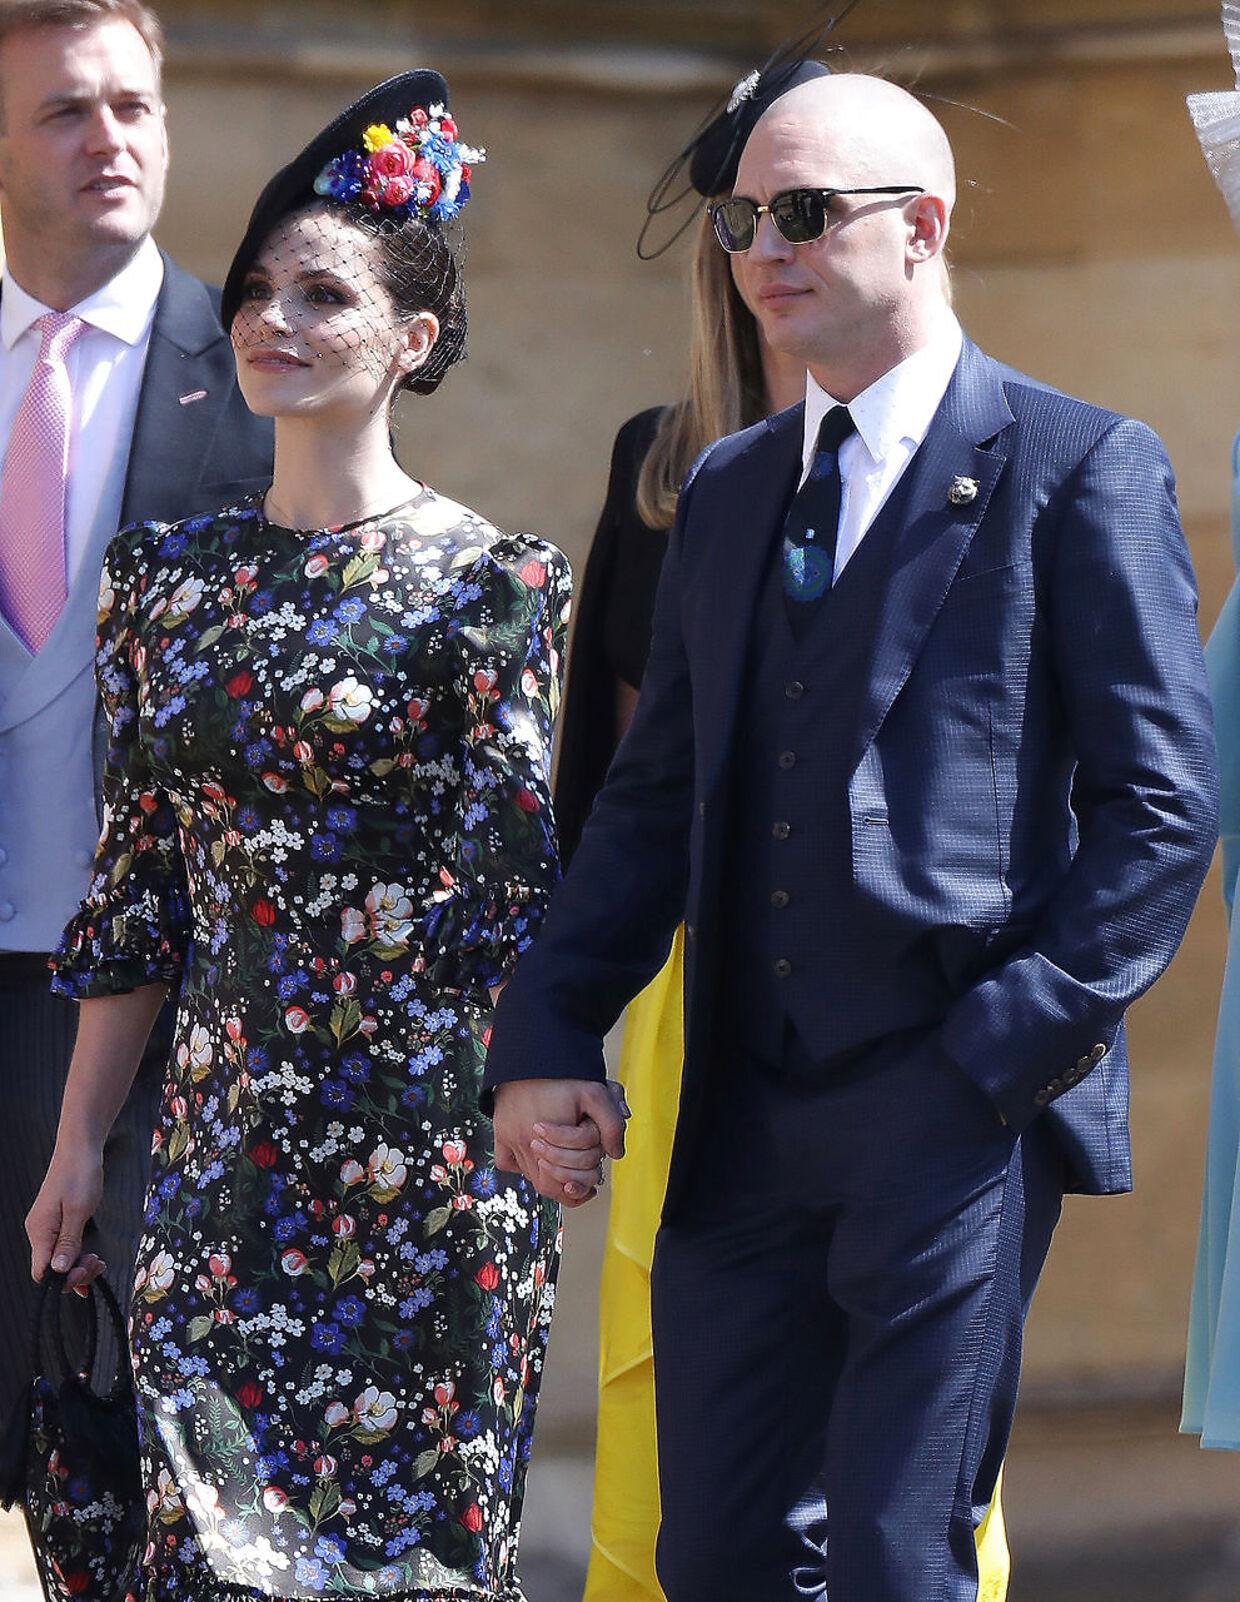 Charlotte Riley og Tom Hardy var nogle af de udvalgte, som fik lov til at deltage ved det kongelige bryllup af prins Harry og Meghan Markle i maj 2018. Chris Jackson/Pool via REUTERS